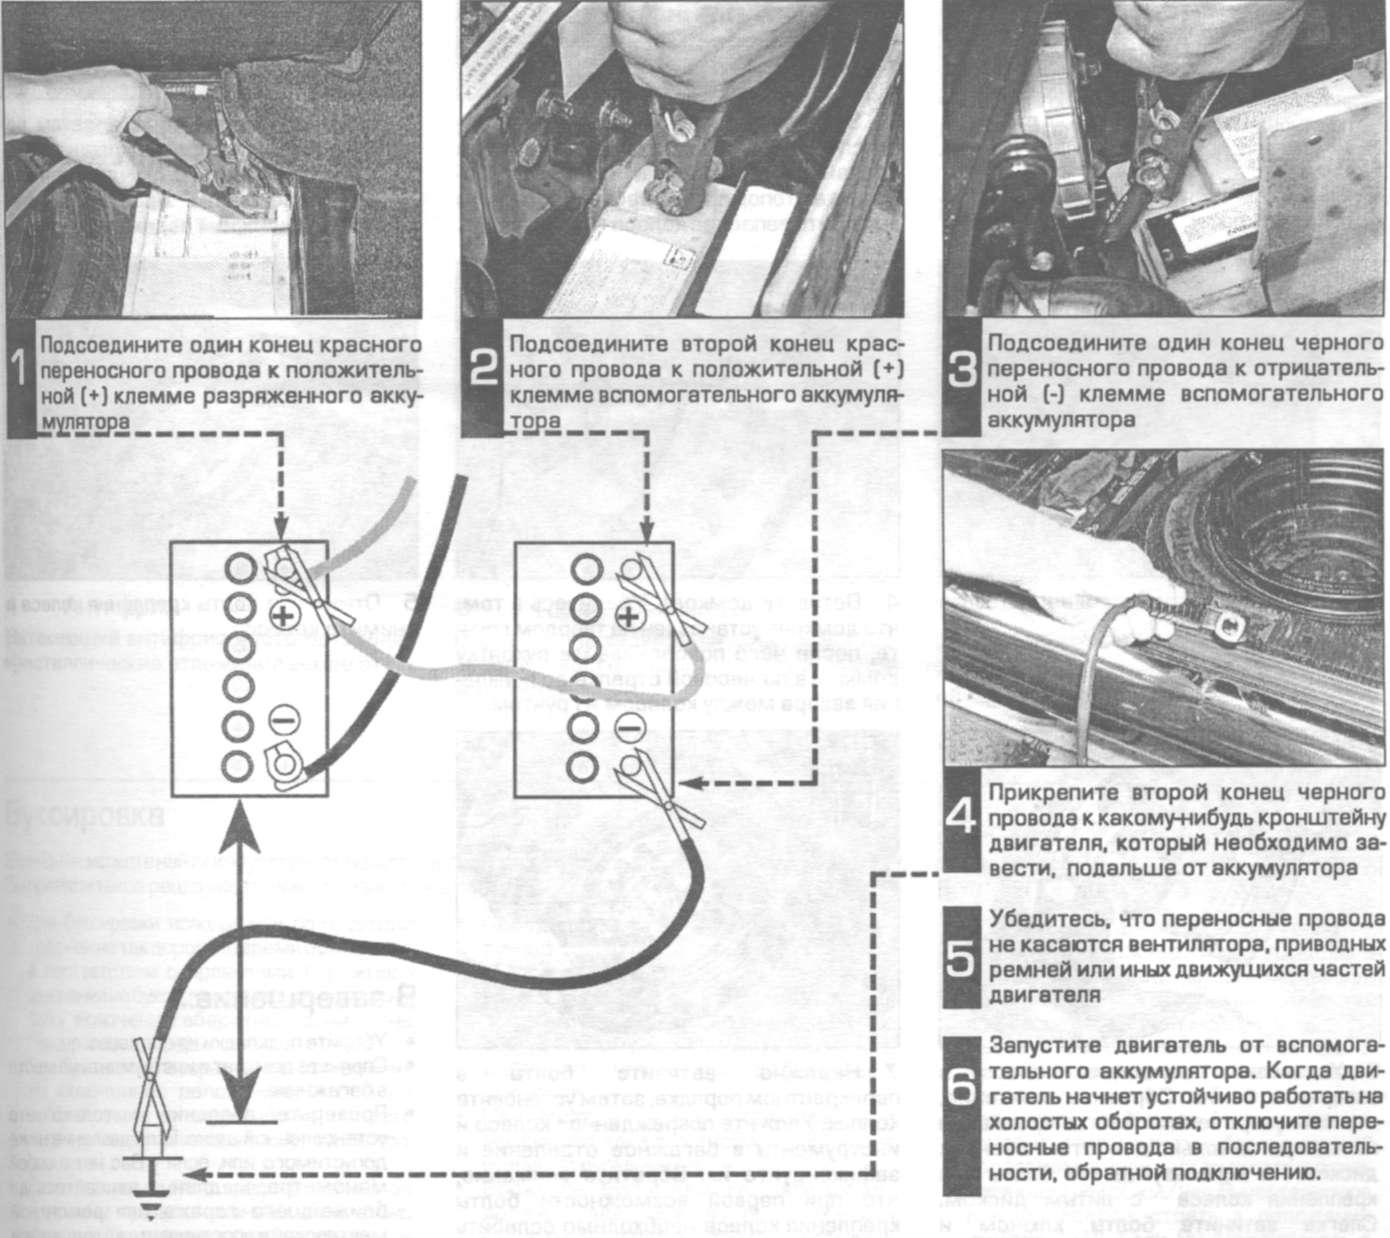 2.2 Пуск двигателя от вспомогательного аккумулятора